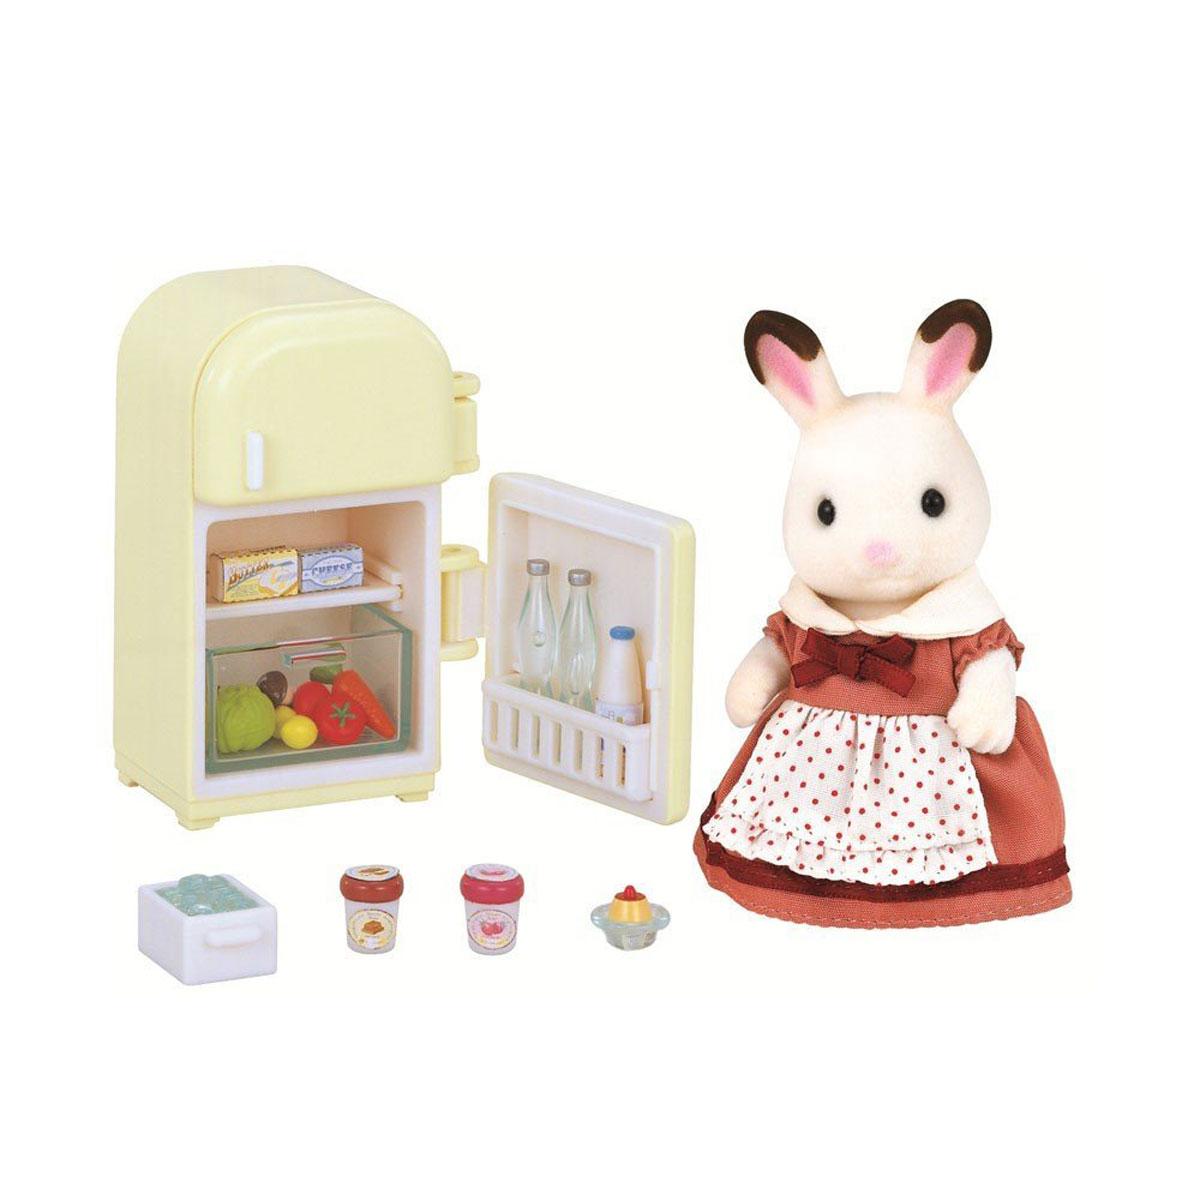 Sylvanian Families Набор фигурок Мама кролик и холодильник2202Игровой набор Мама кролик и холодильник привлечет внимание вашего ребенка и станет отличным подарком для поклонников жителей чудесной страны Sylvanian Families. В комплект входит фигурка кролика, холодильник и продукты. Компания была основана в 1985 году, в Японии. Sylvanian Families очень популярен в Европе и Азии, и, за долгие годы существования, компания смогла добиться больших успехов. 3 года подряд в Англии бренд Sylvanian Families был признан Игрушкой Года. Сегодня у героев Sylvanian Families есть собственное шоу, полнометражный мультфильм и сеть ресторанов, работающая по всей Японии. Sylvanian Families - это целый мир маленьких жителей, объединенных общей легендой. Жители страны Sylvanian Families - это кролики, белки, медведи, лисы и многие другие. У каждого из них есть дом, в котором есть все необходимое для счастливой жизни. В городе, где живут герои, есть школа, больница, рынок, пекарня, детский сад и множество других полезных...